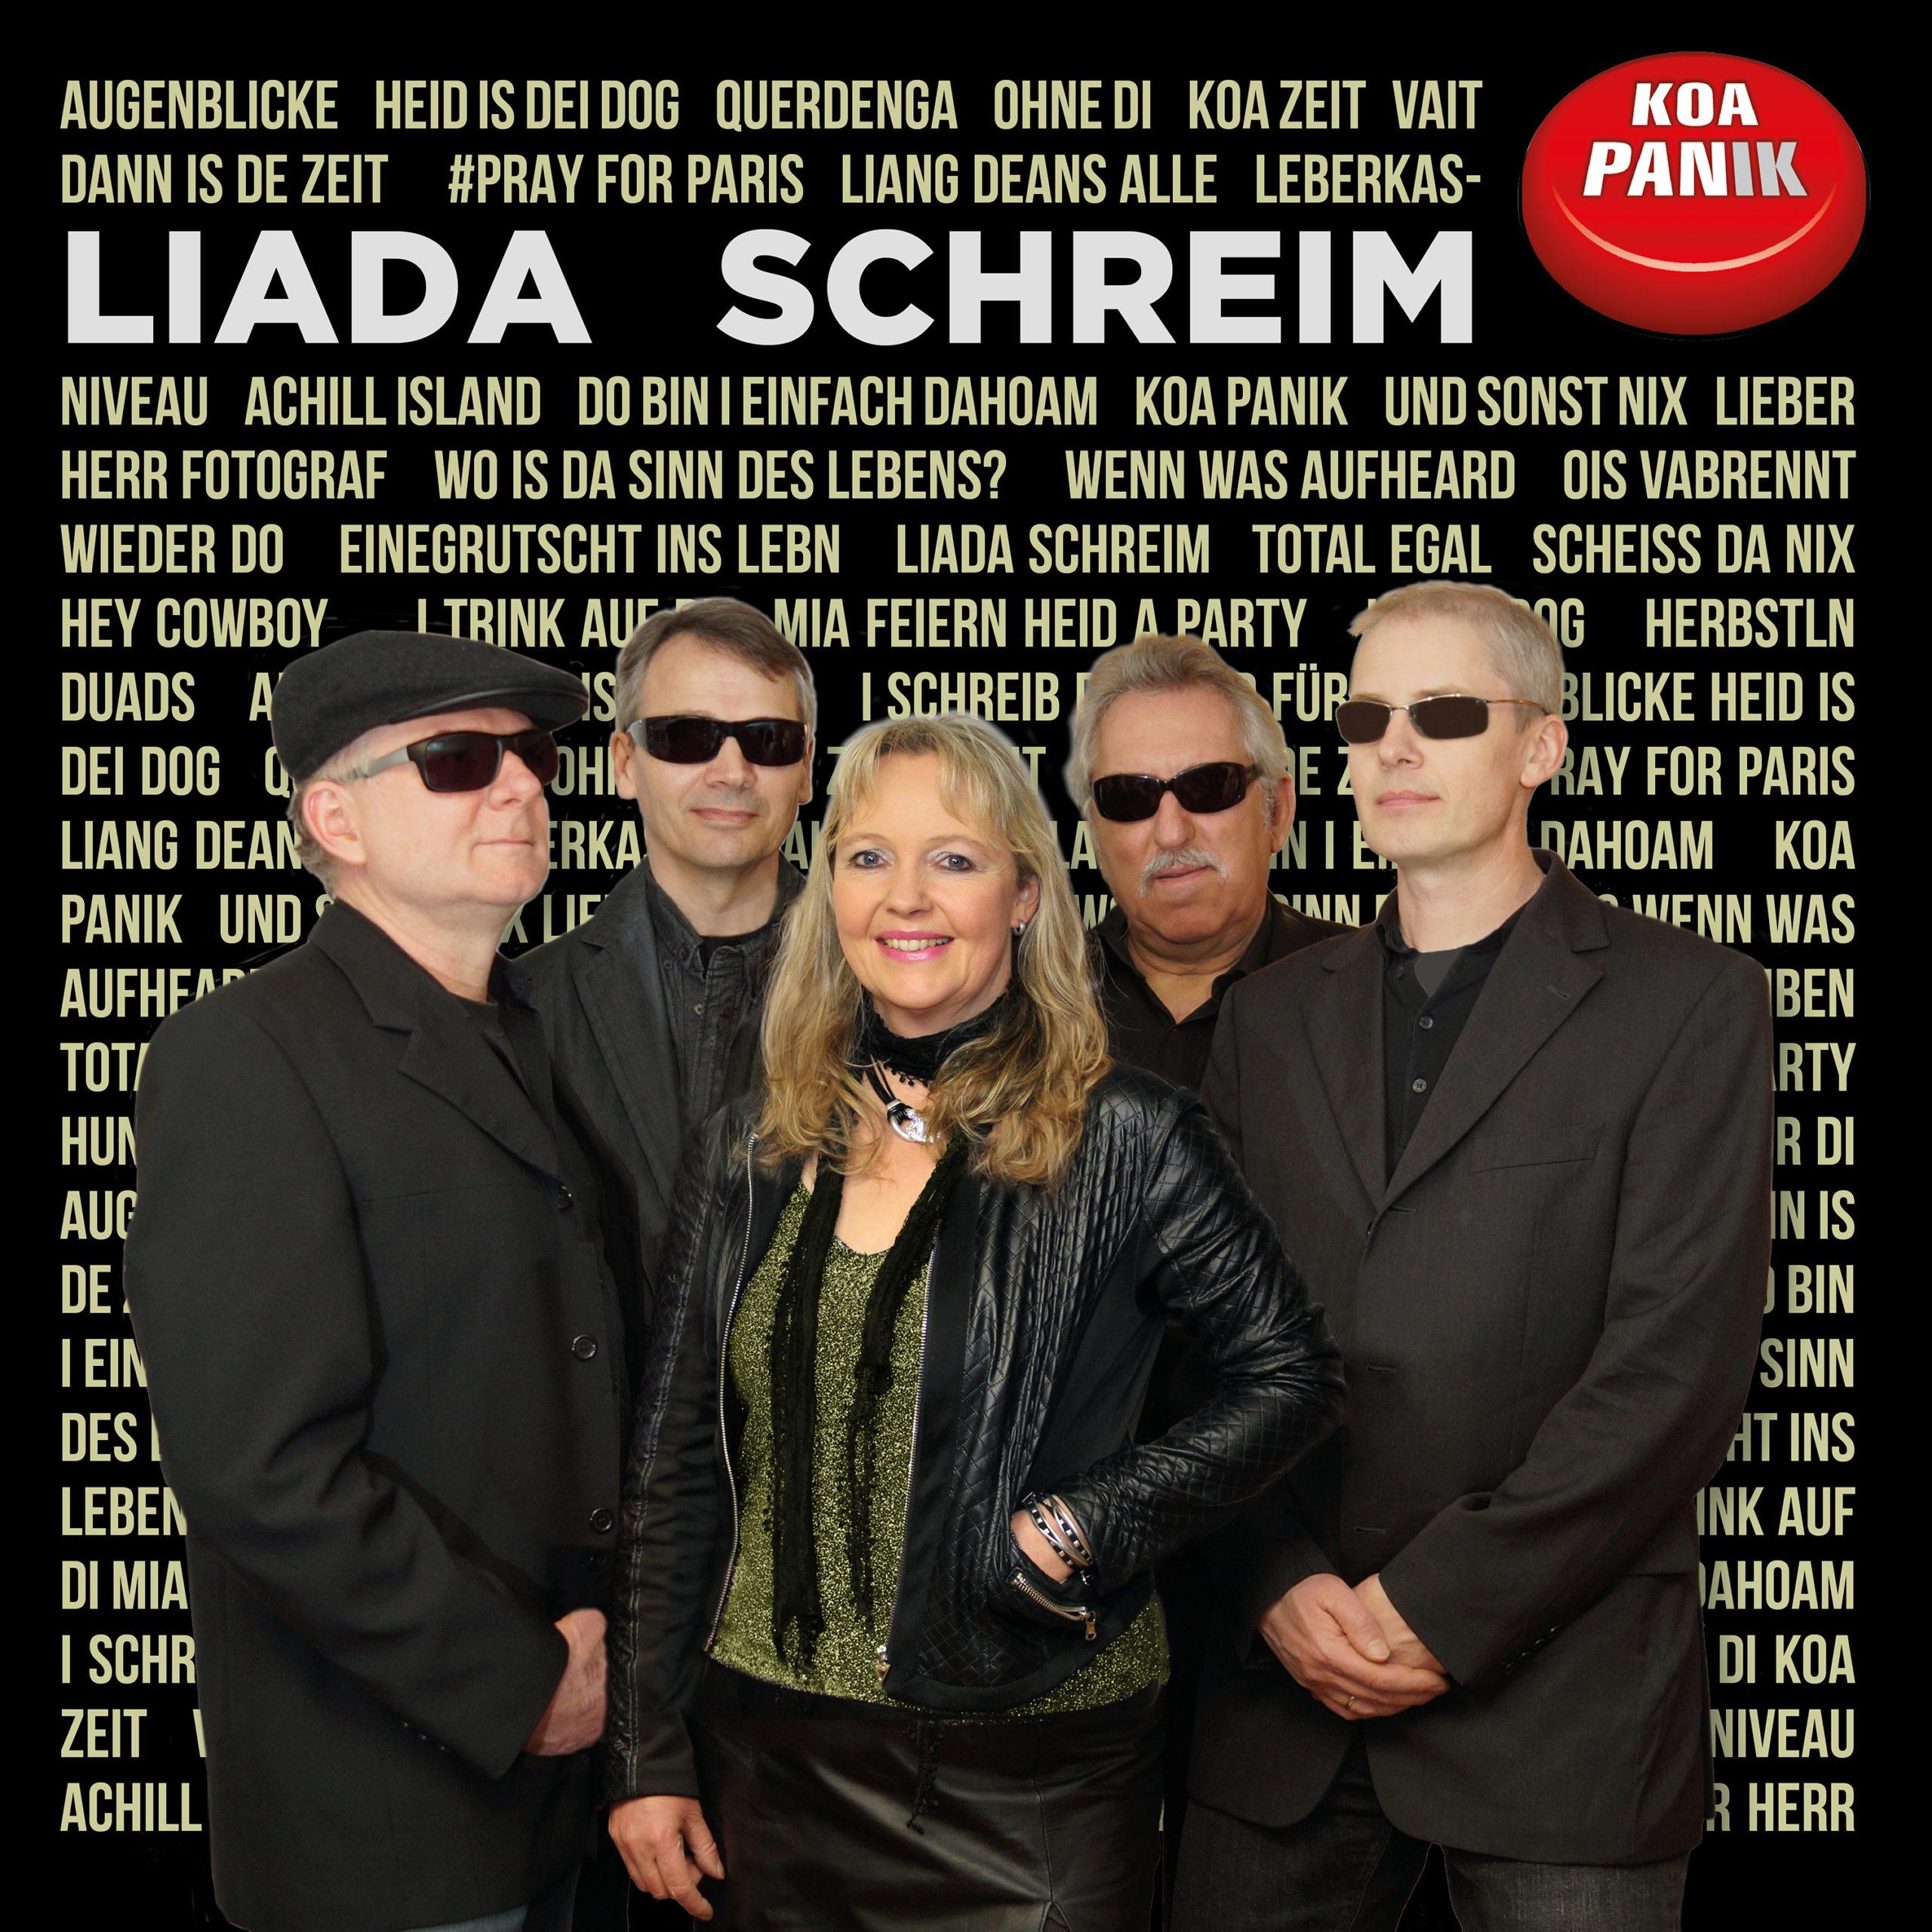 Koa PANik Band - CD-Cover - Liada schreim - 2020